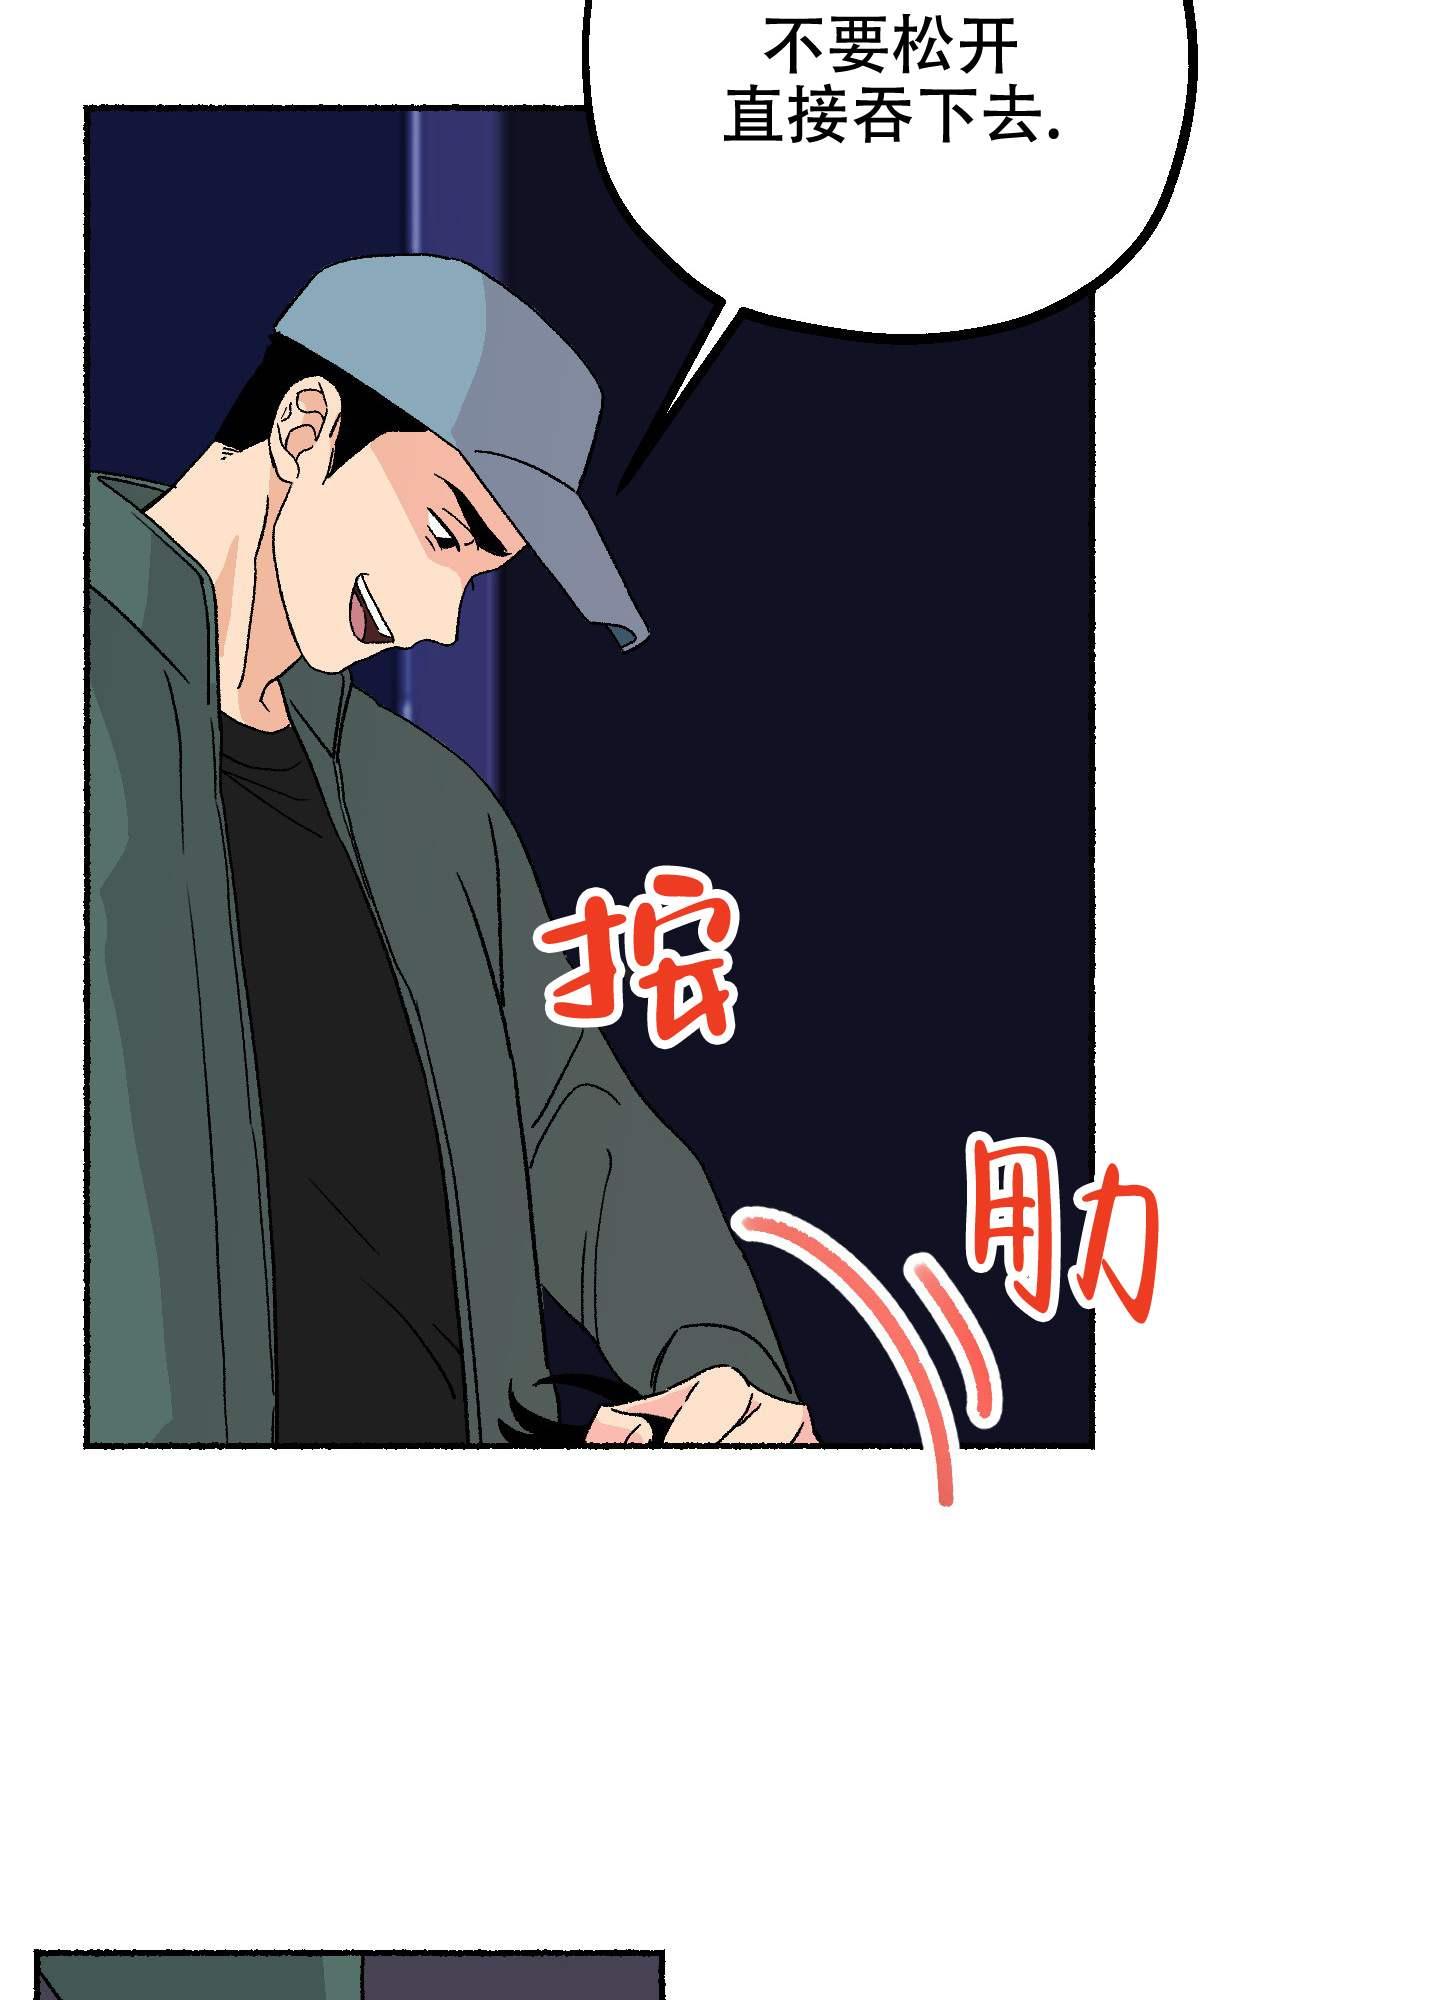 韩漫 |《狡猾的鲁鲁》  恶魔与人类,一饿就开do!  第18张